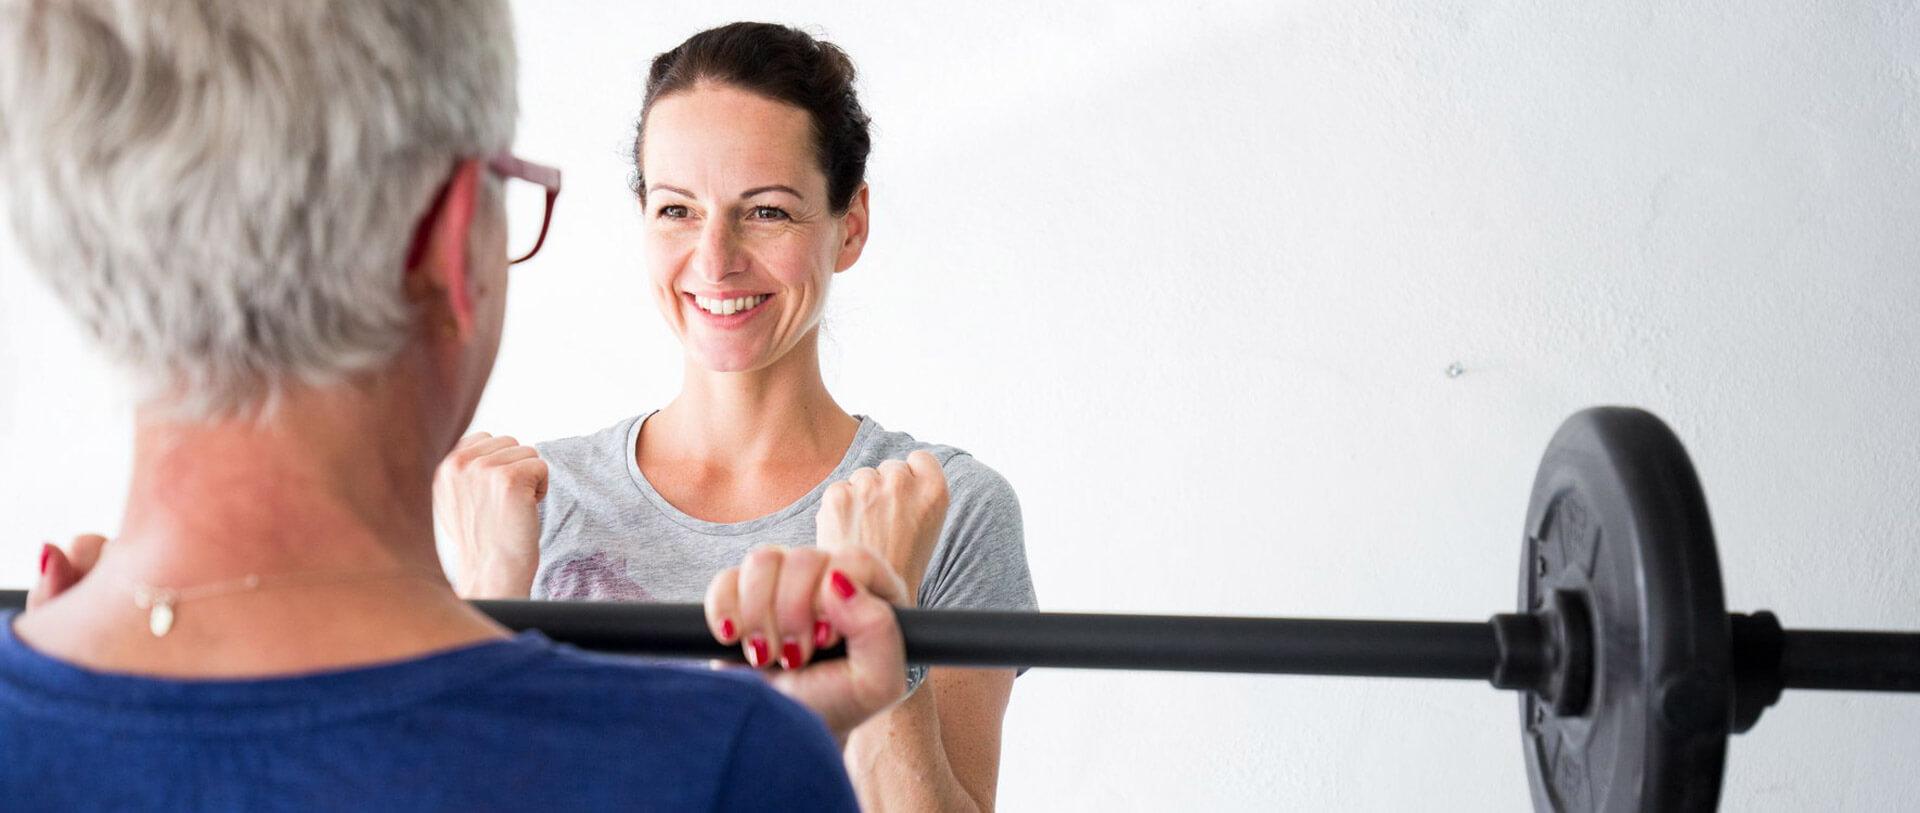 Das beste Training während der Diät verhindert die Gewichtszunahme danach